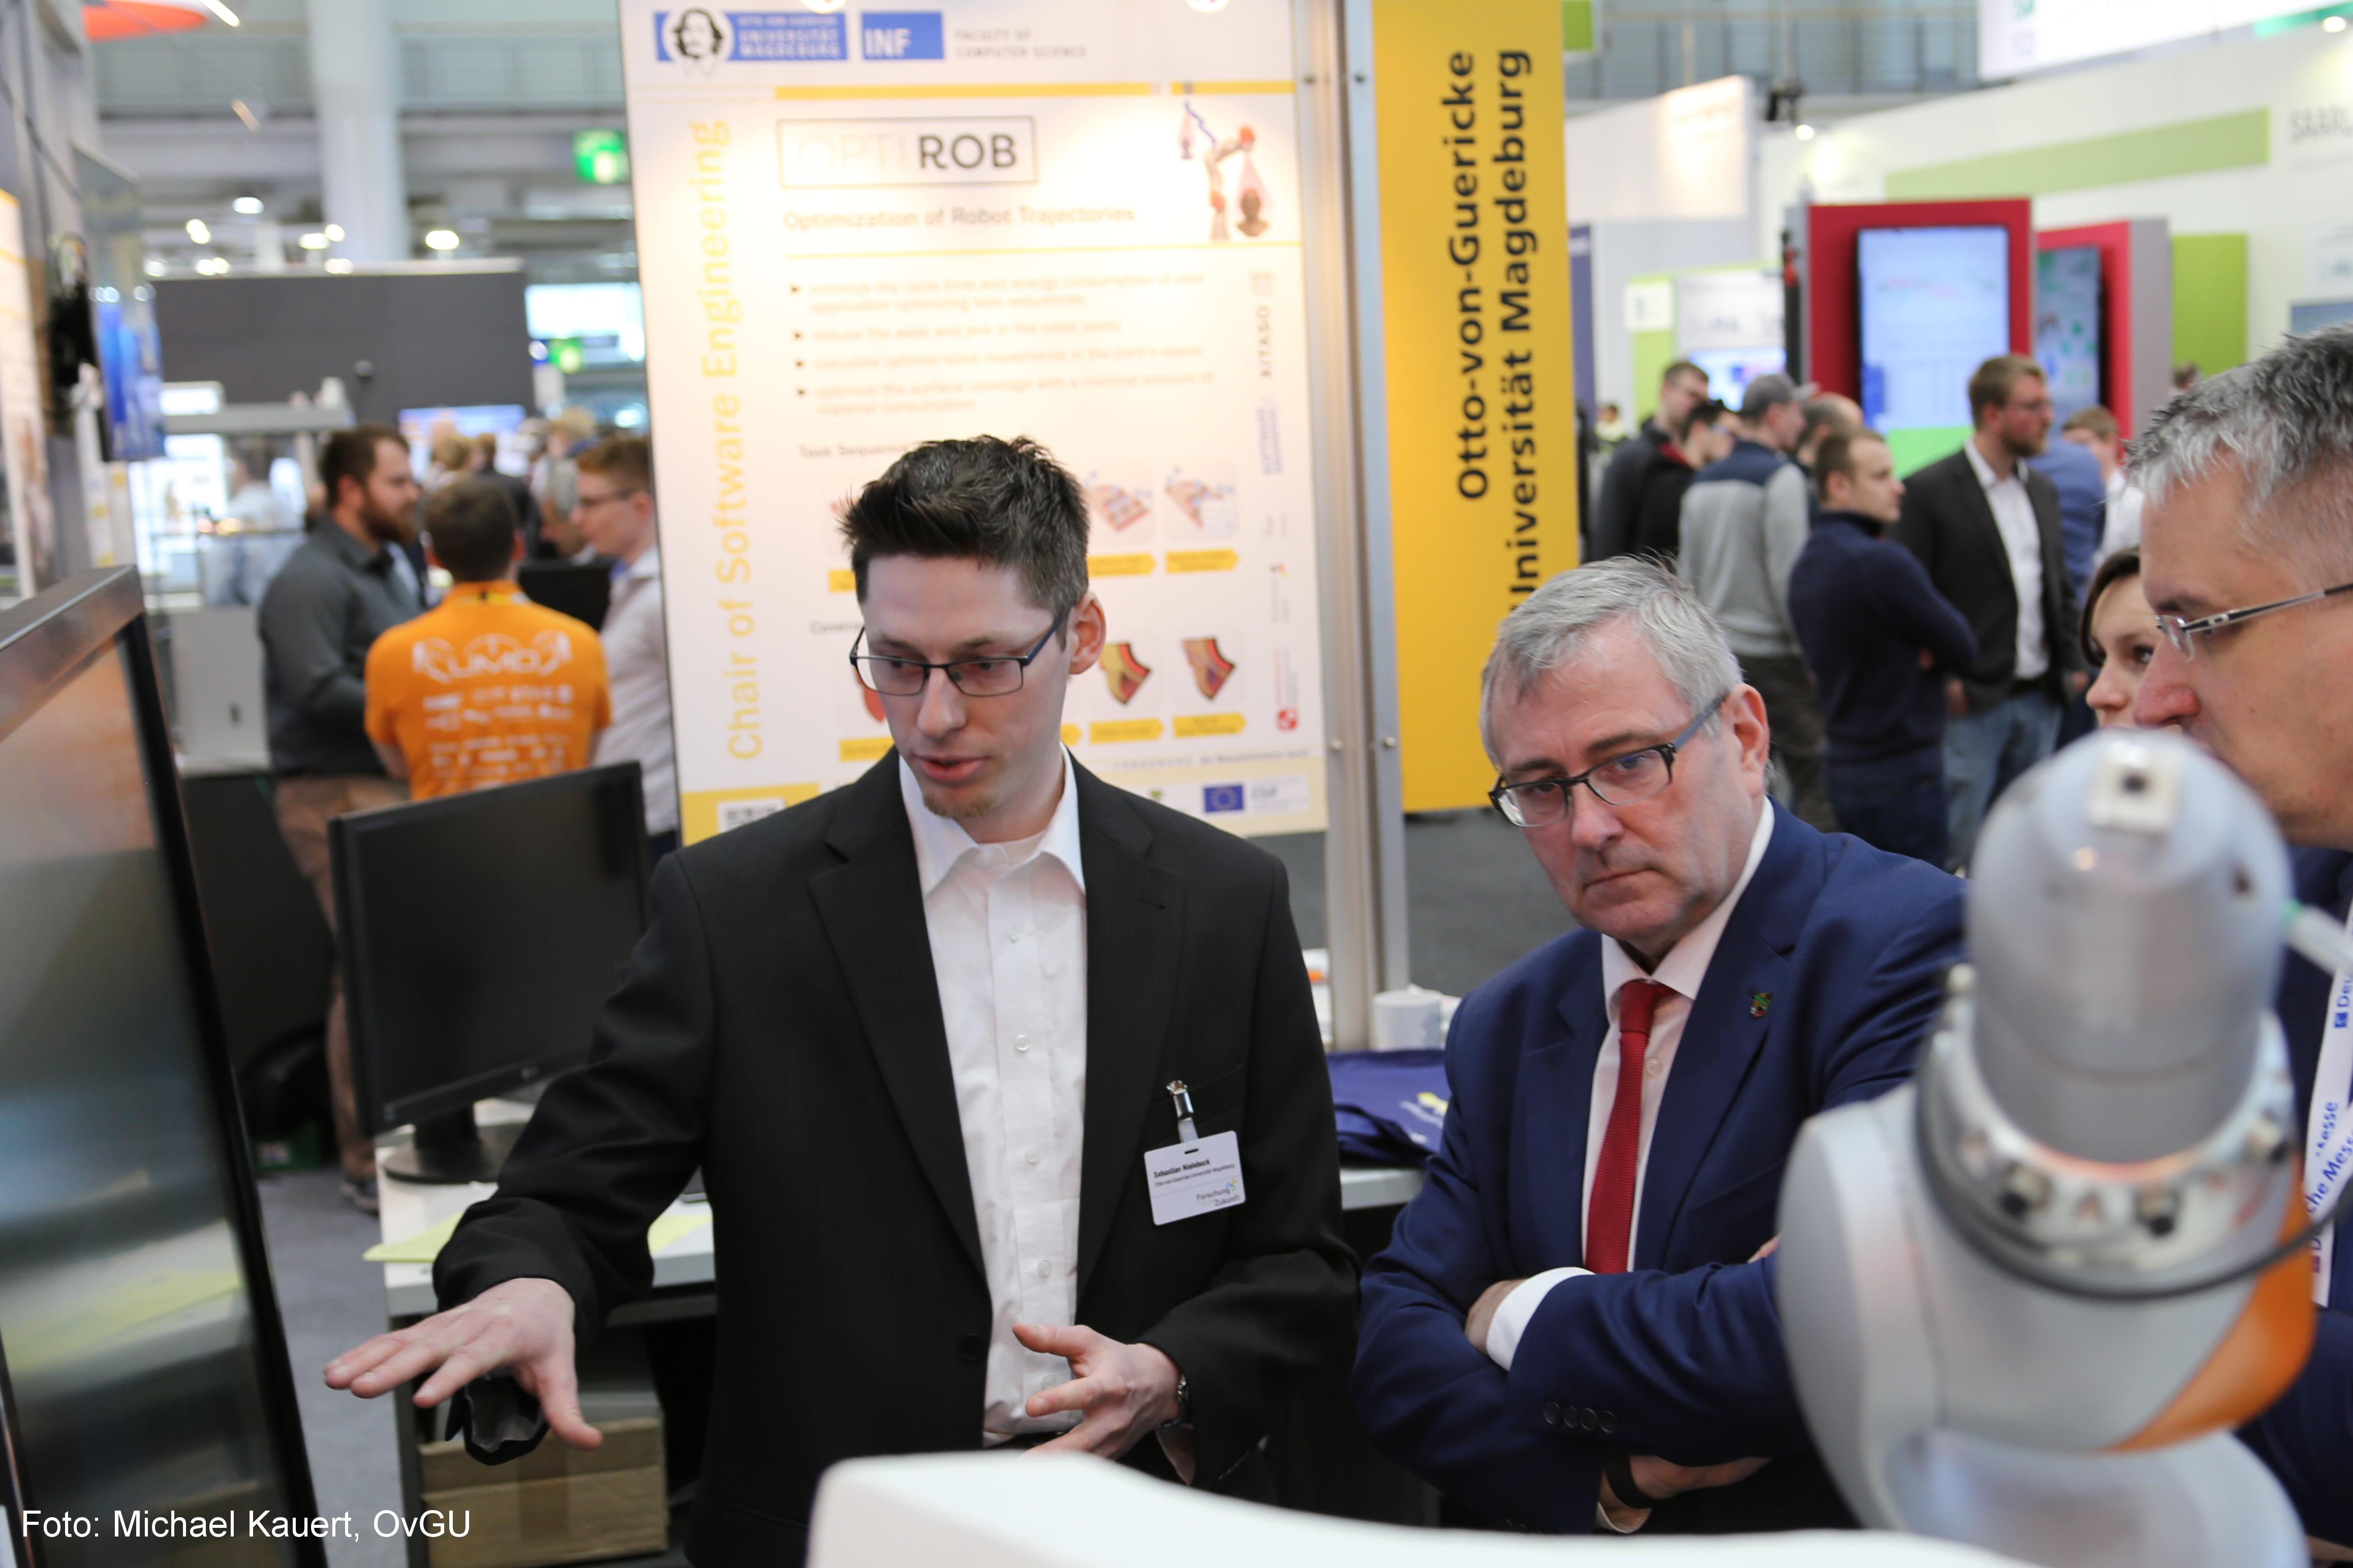 Auch der Staatssekretär im Ministerium für Wirtschaft, Wissenschaft und Digitalisierung des Landes Sachsen-Anhalt Dr. Jürgen Ude besuchte den Stand des Lehrstuhls.